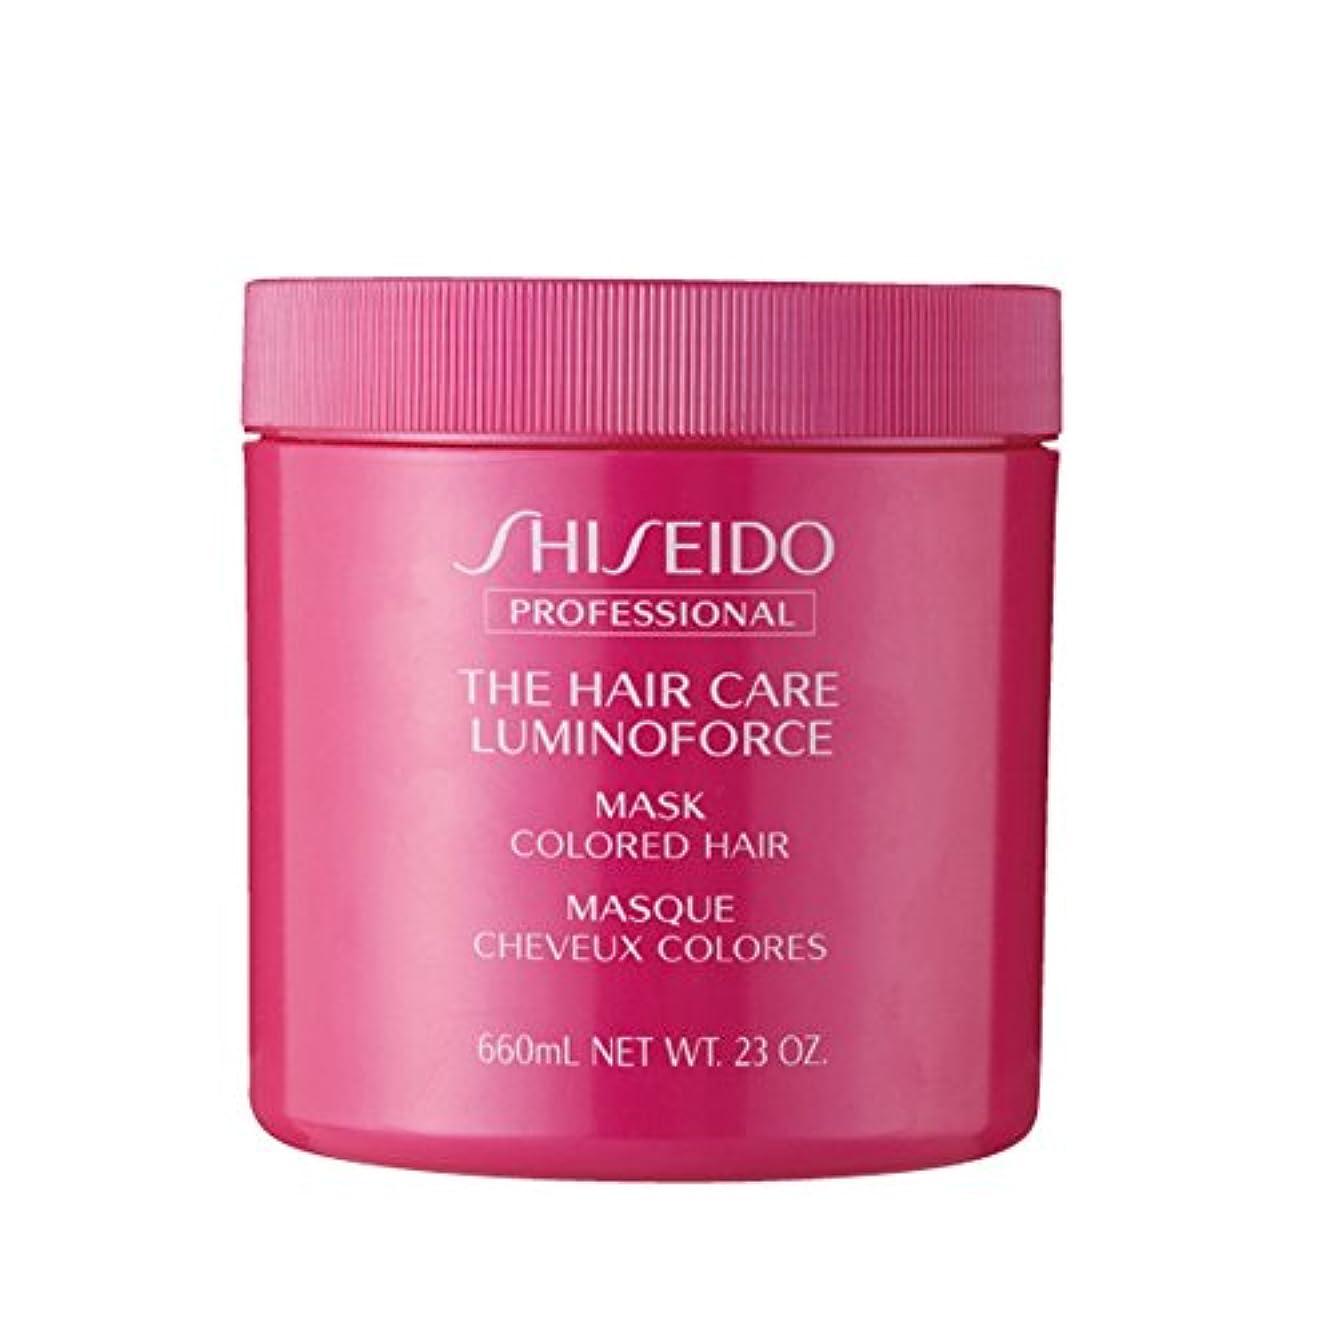 用語集ロック解除ロボット資生堂 THC ルミノフォースマスク 680g ×2個 セットヘアカラーを繰り返したごわついた髪を、芯からしなやかでつややかな髪へSHISEIDO LUMINOFORCE